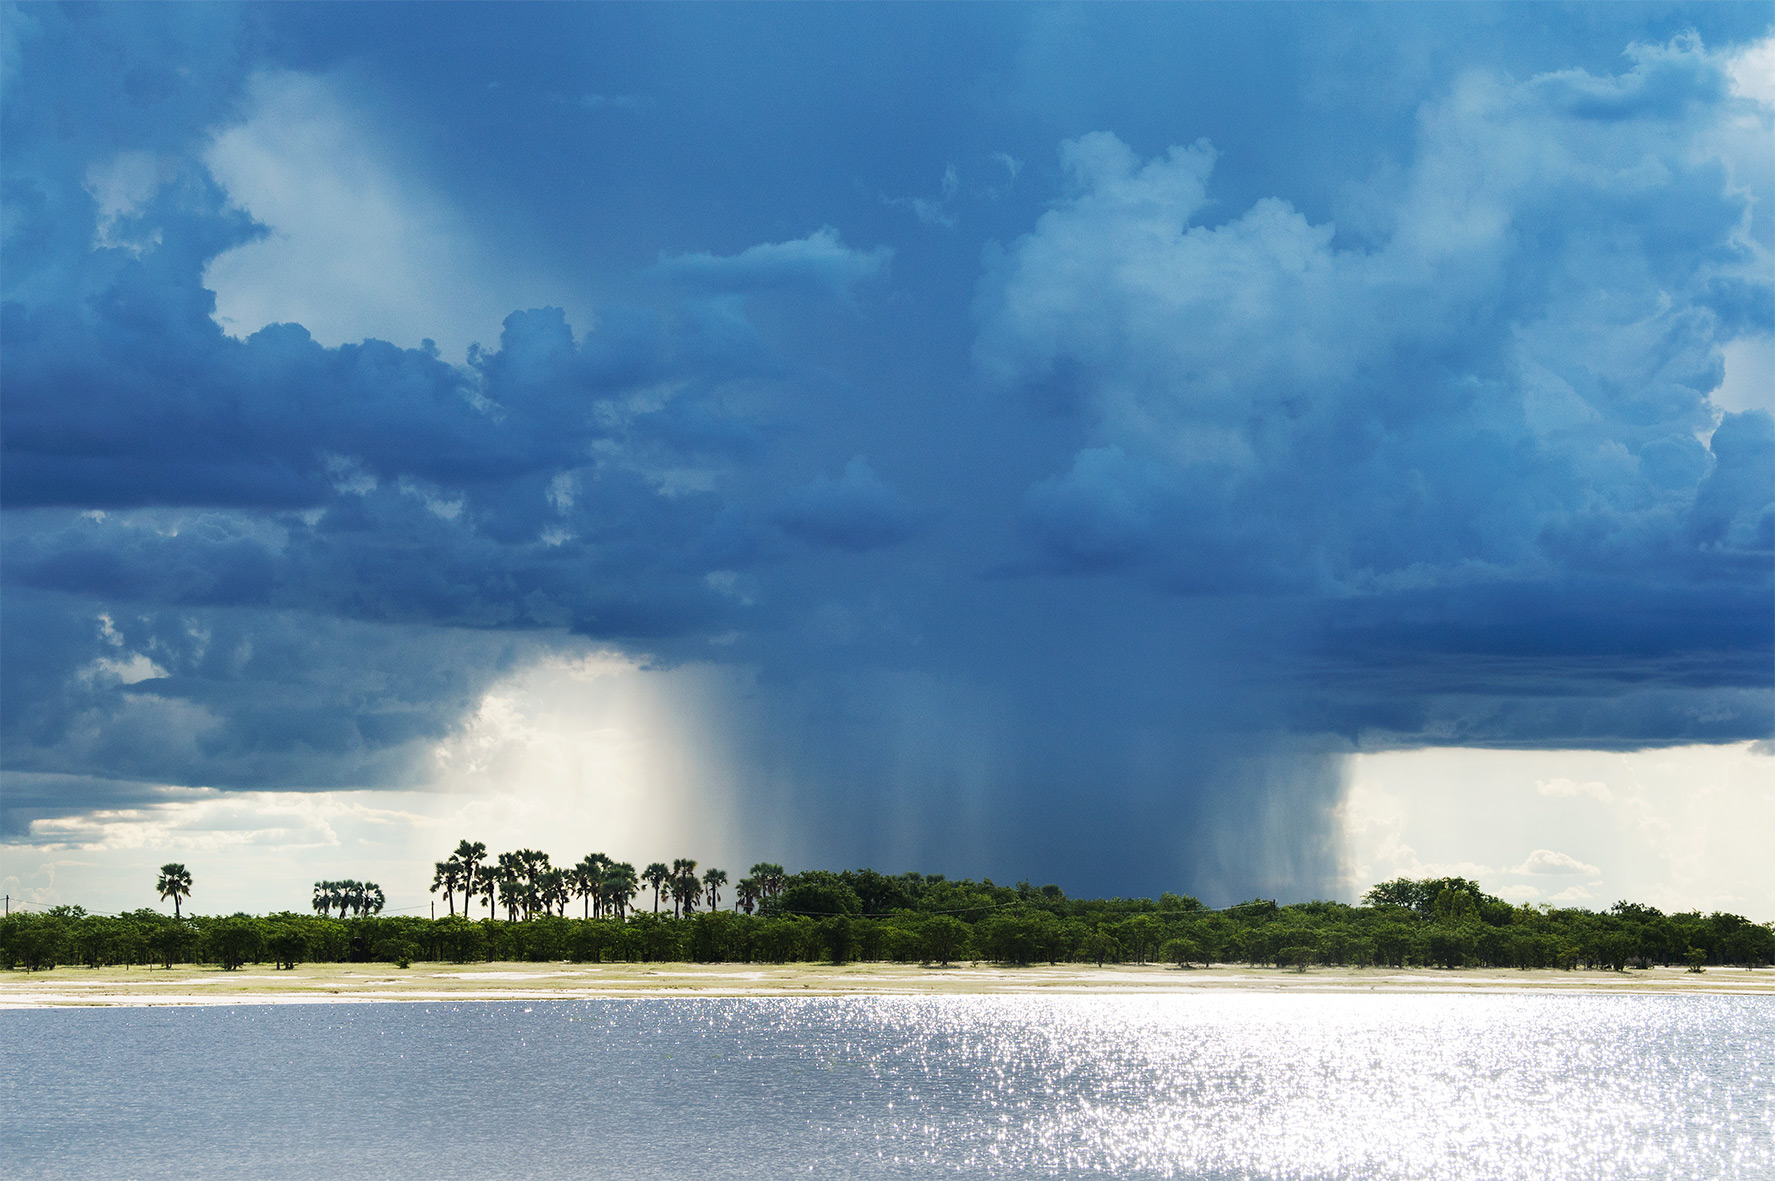 Landschaft in der Regenzeit von Namibia, Bild aus Afrika erhältlich im Onlineshop